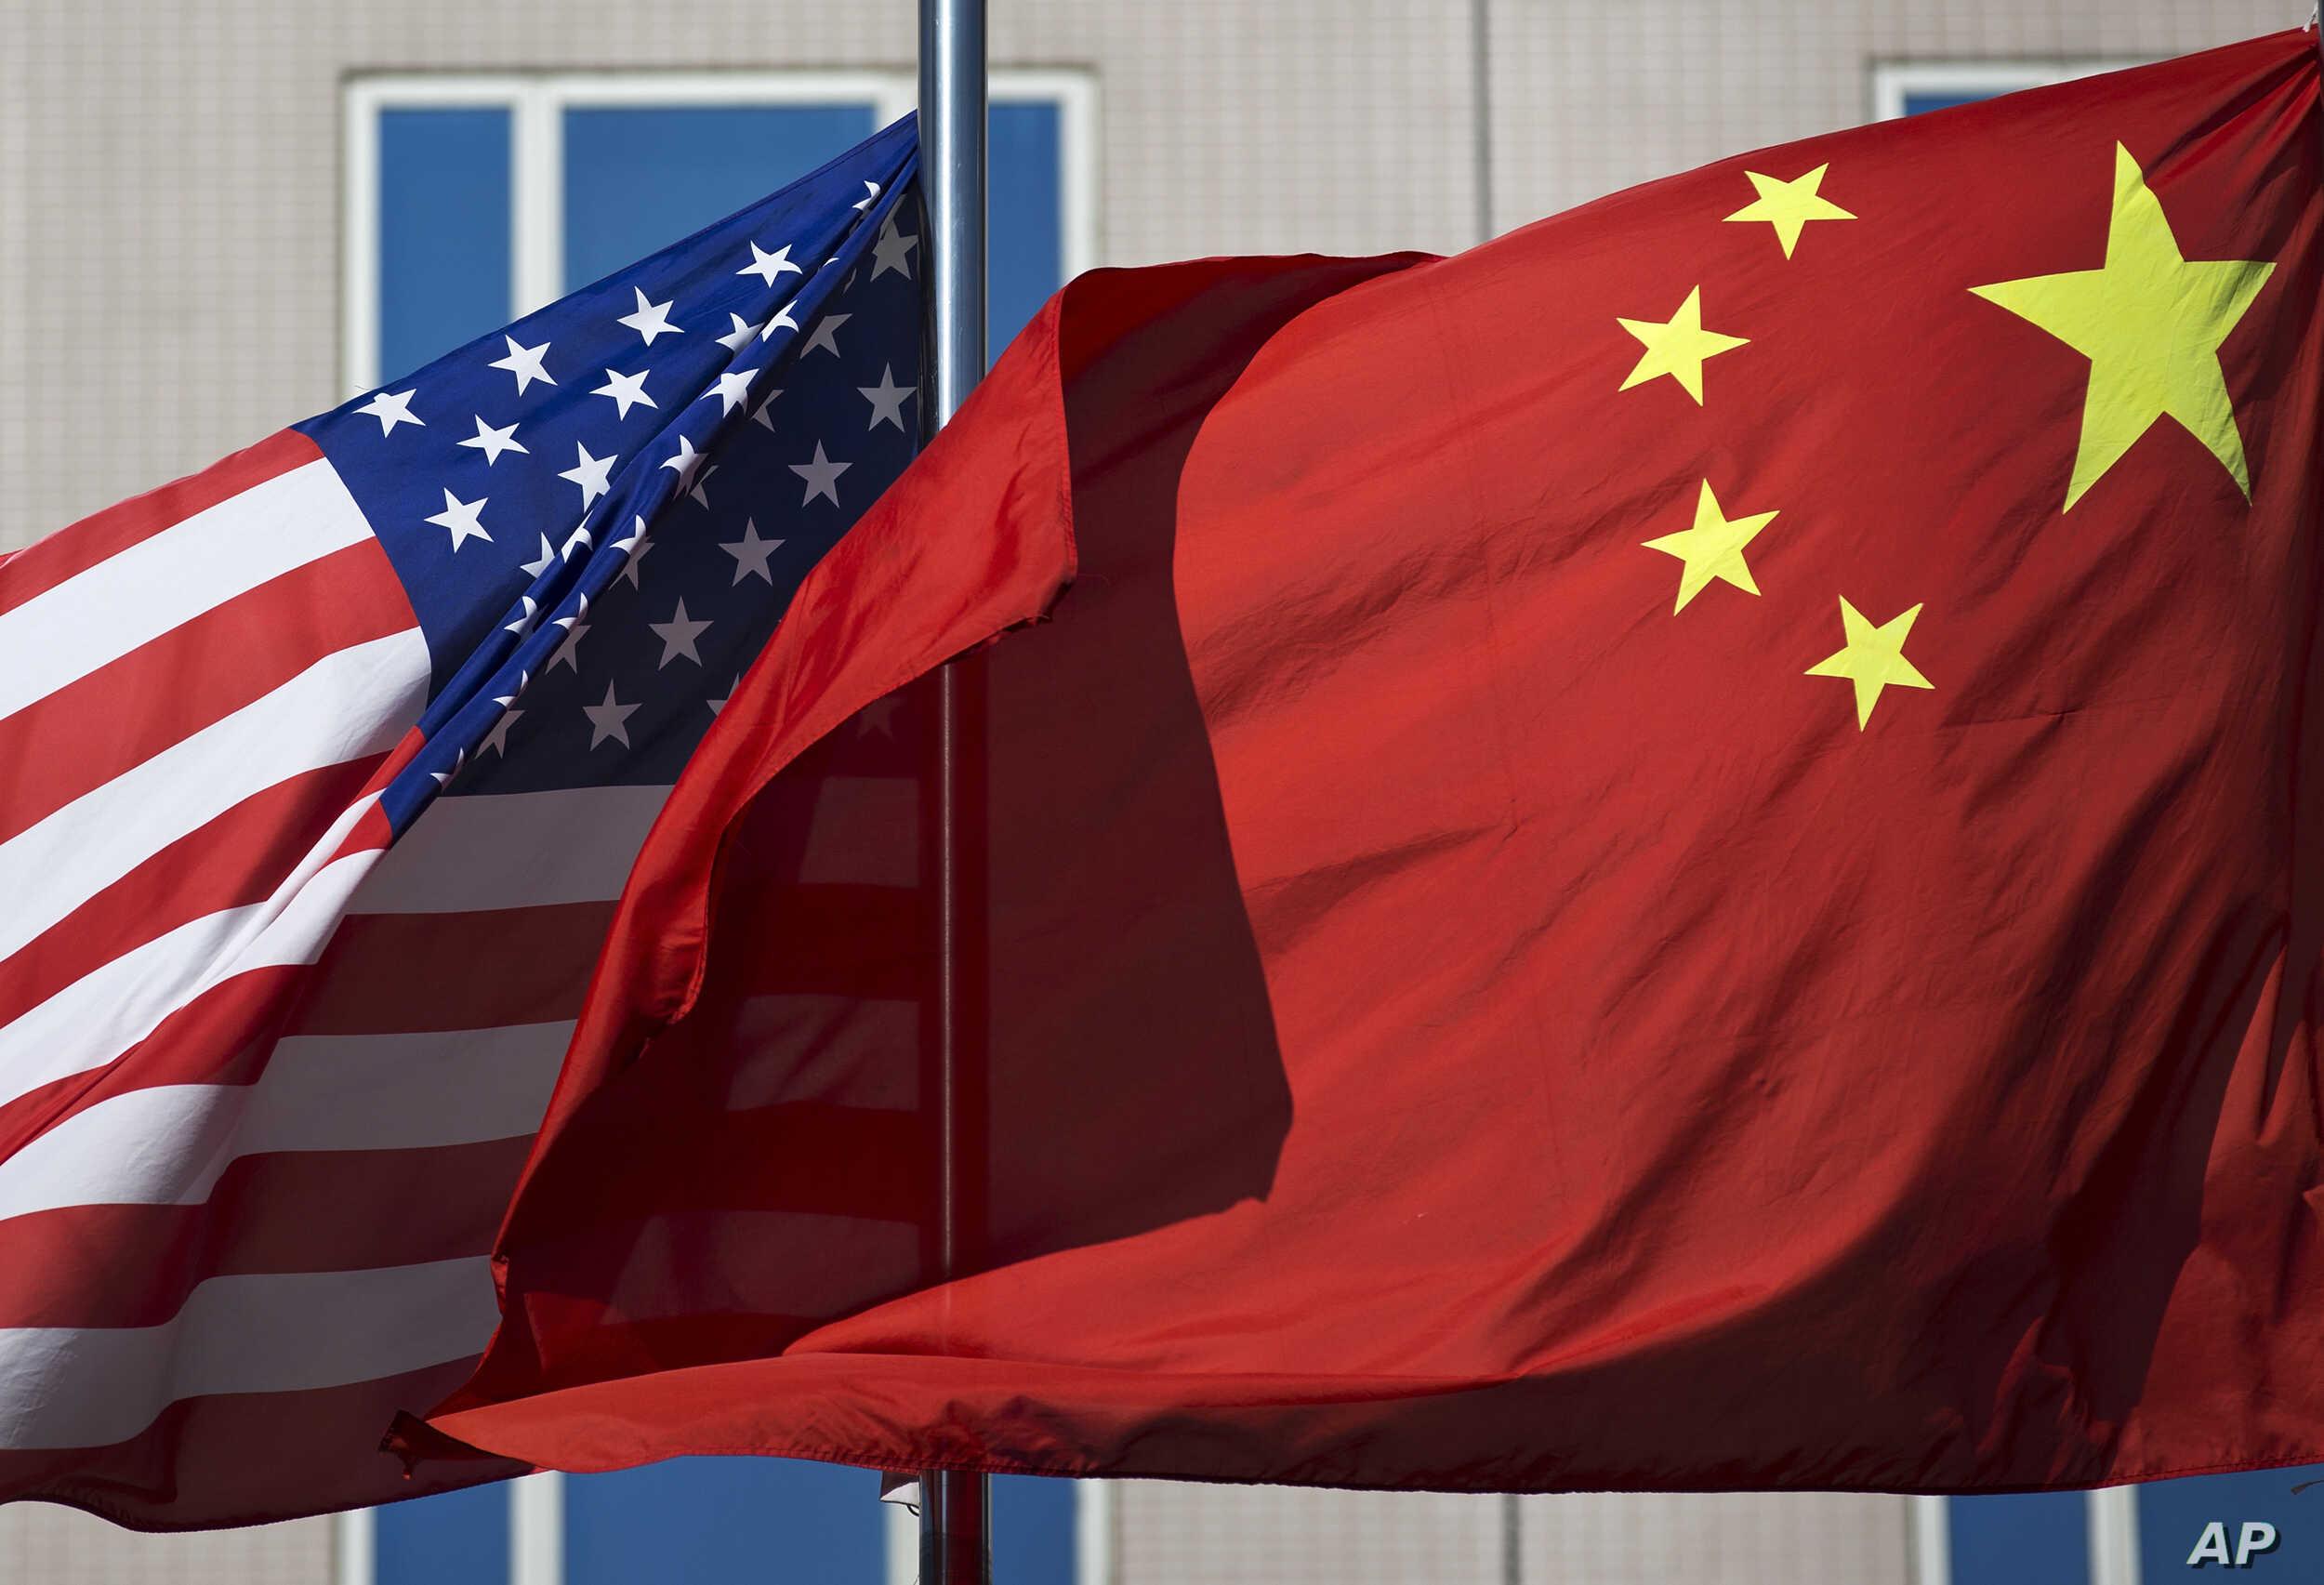 الصين وأمريكا والحرب التجارية